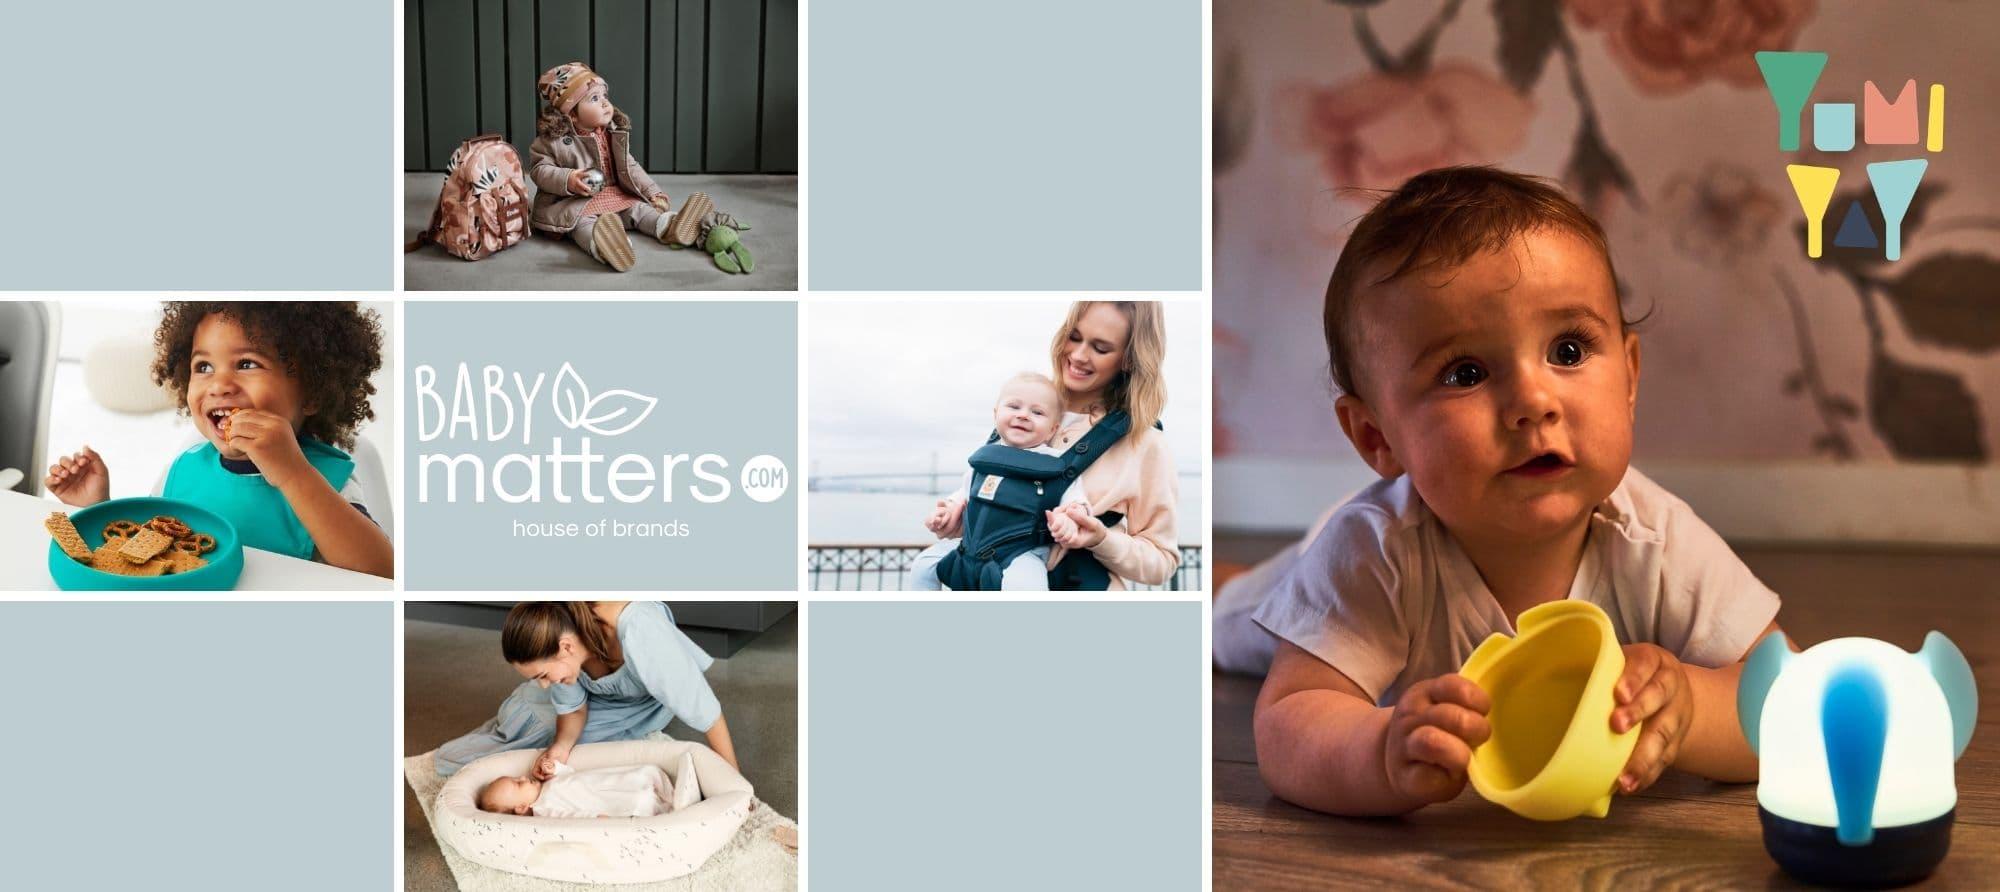 Babymatters x Duaal digitaal